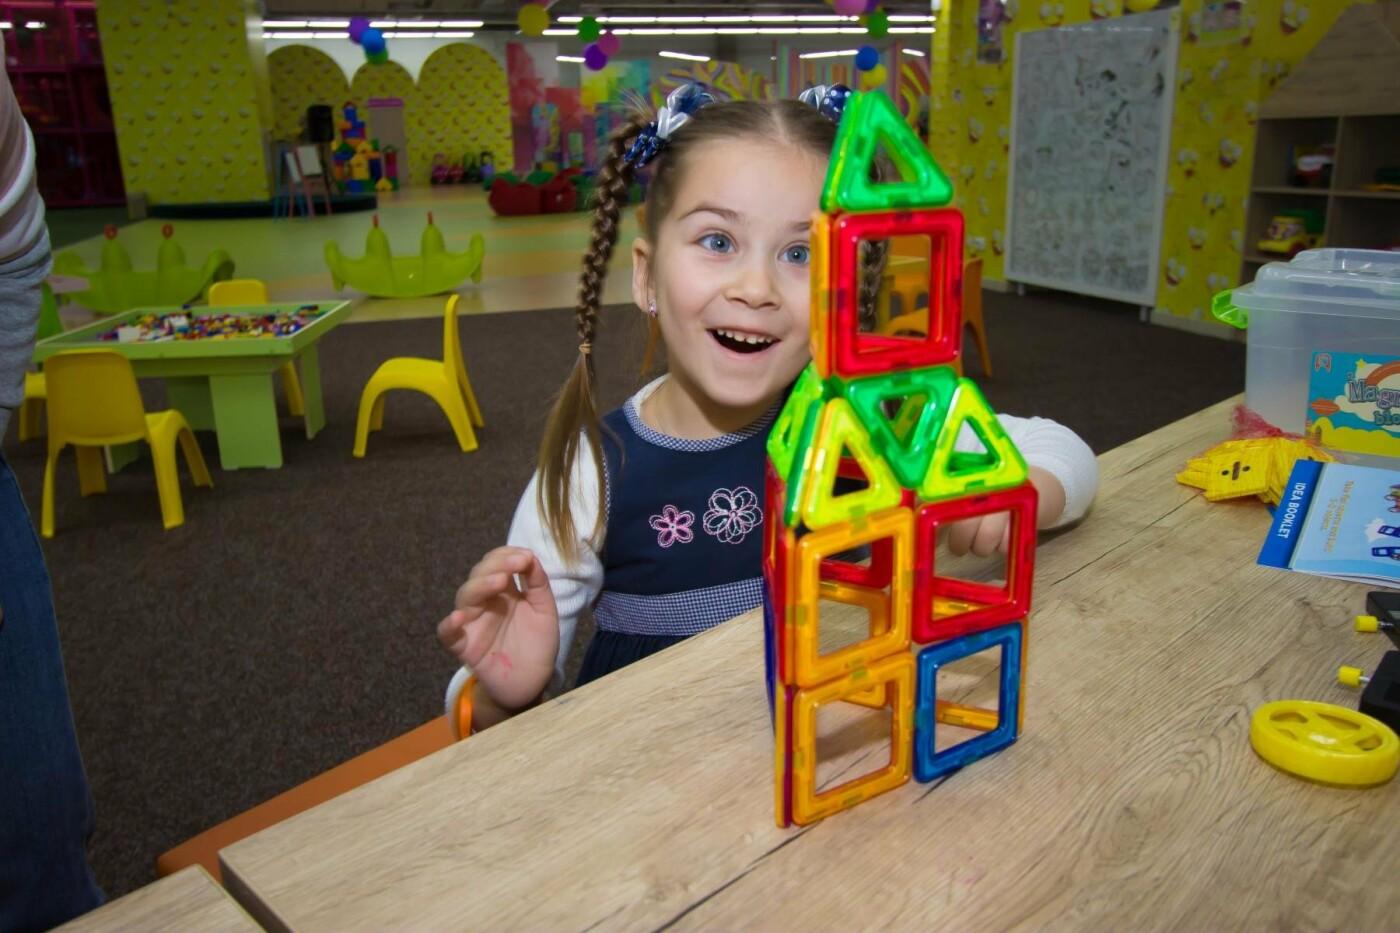 Магнітний конструктор - не тільки розвага, а й сучасний розвиток дитини, фото-1